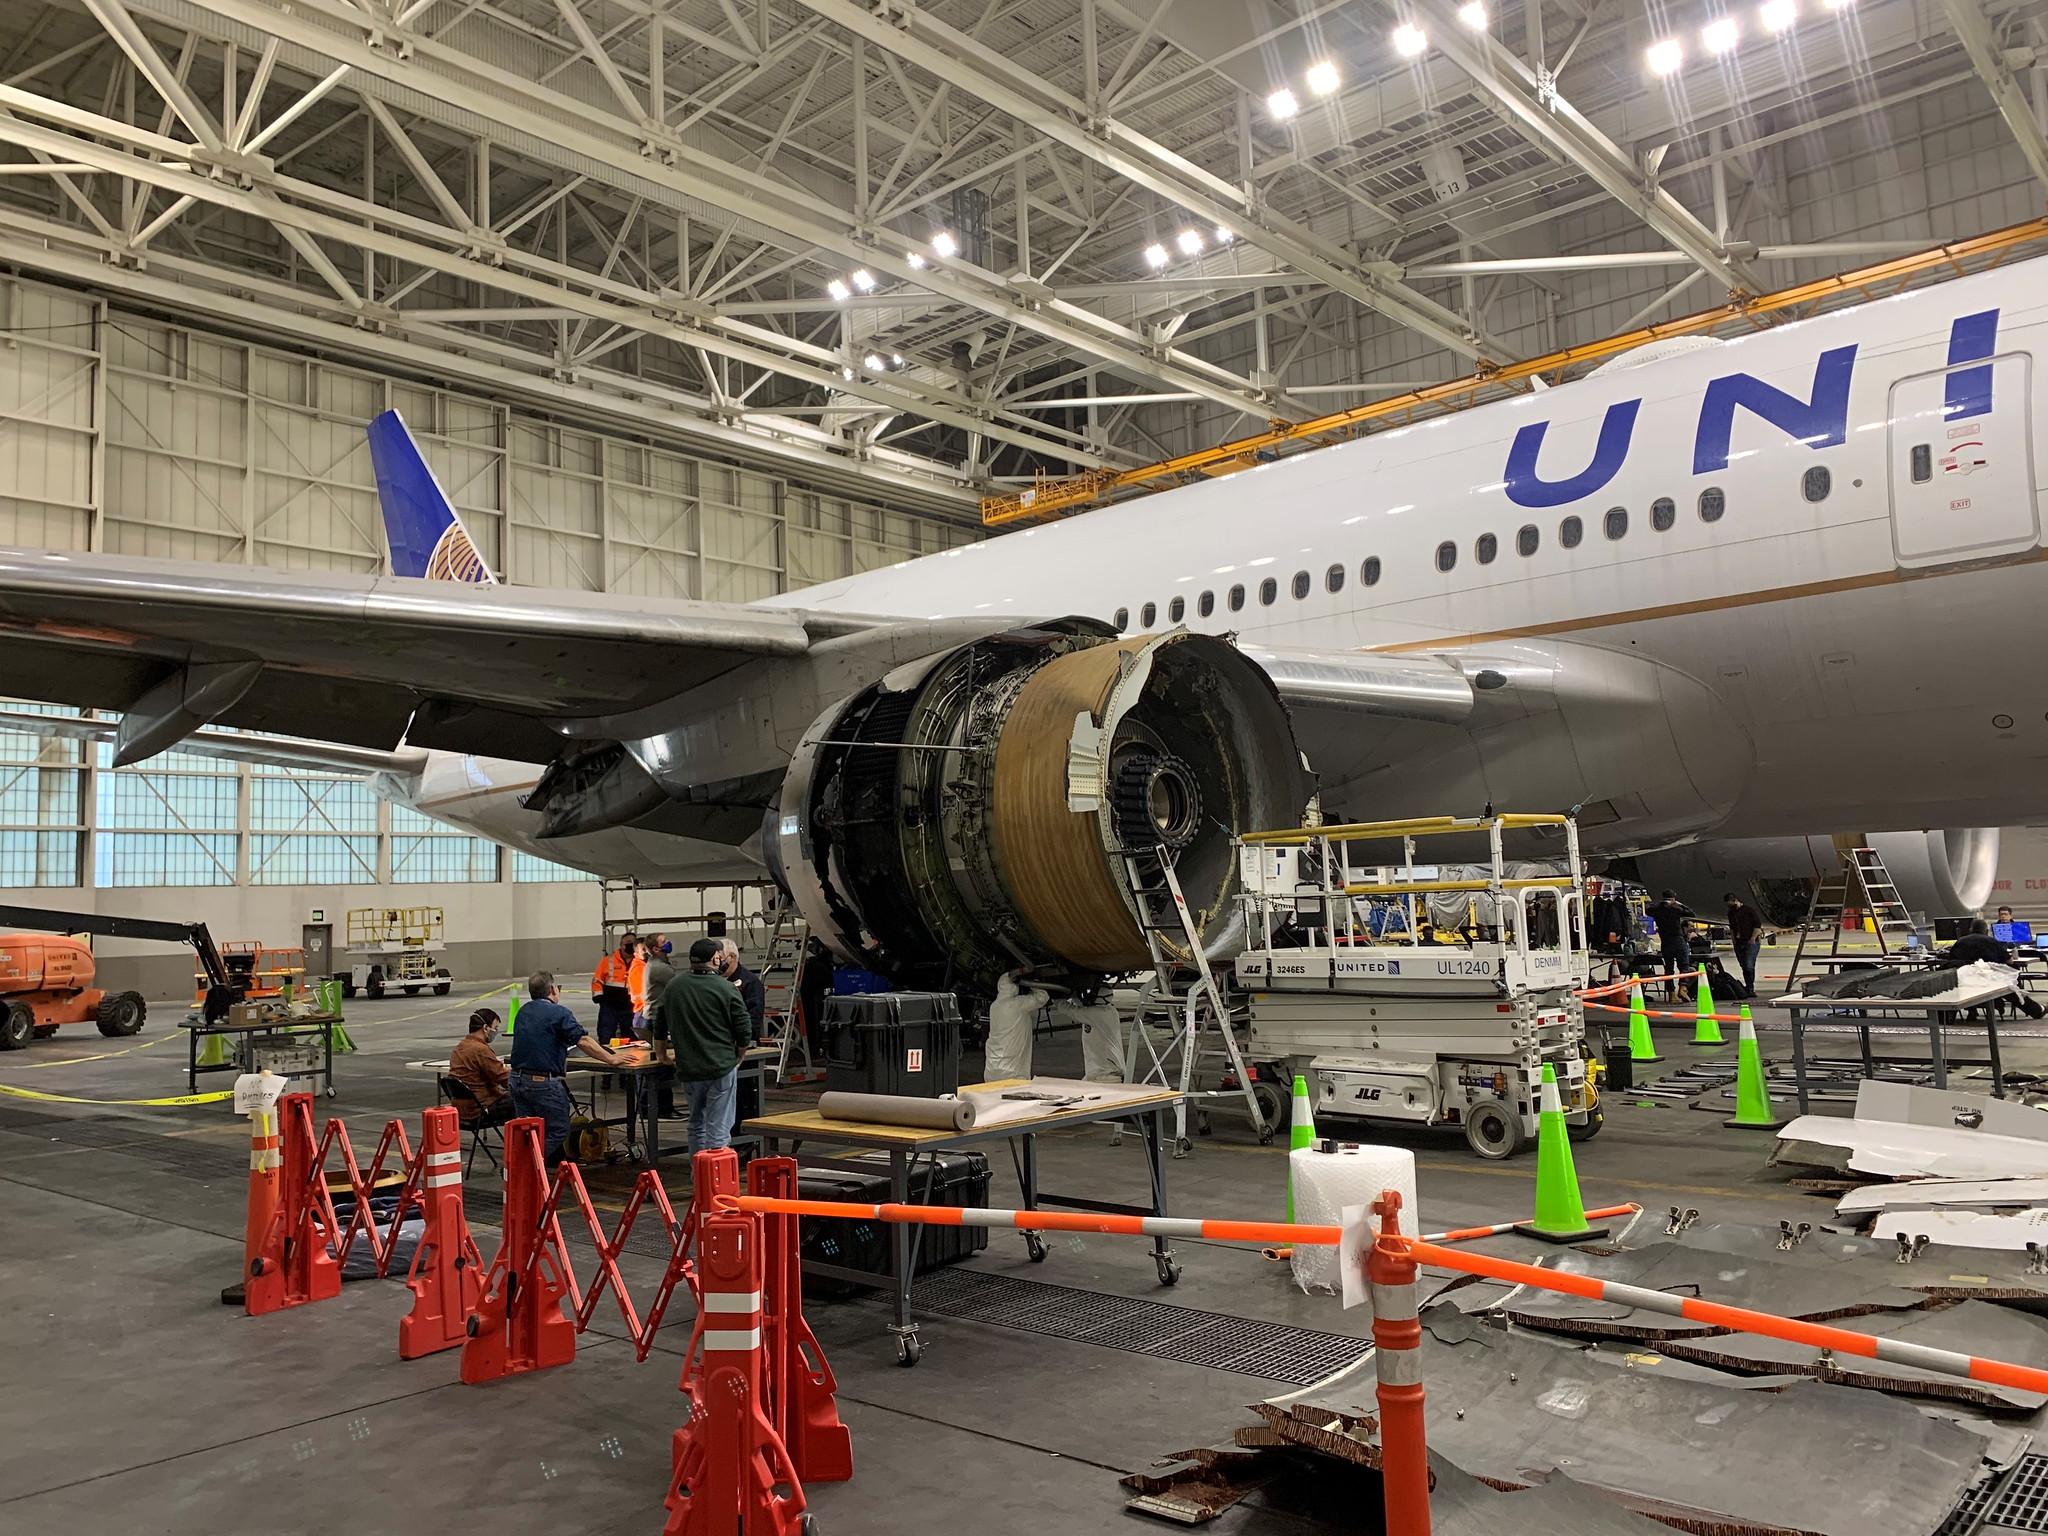 آغاز بررسی دقیق صدمات موتور هواپیمای یونایتد ایرلاینز